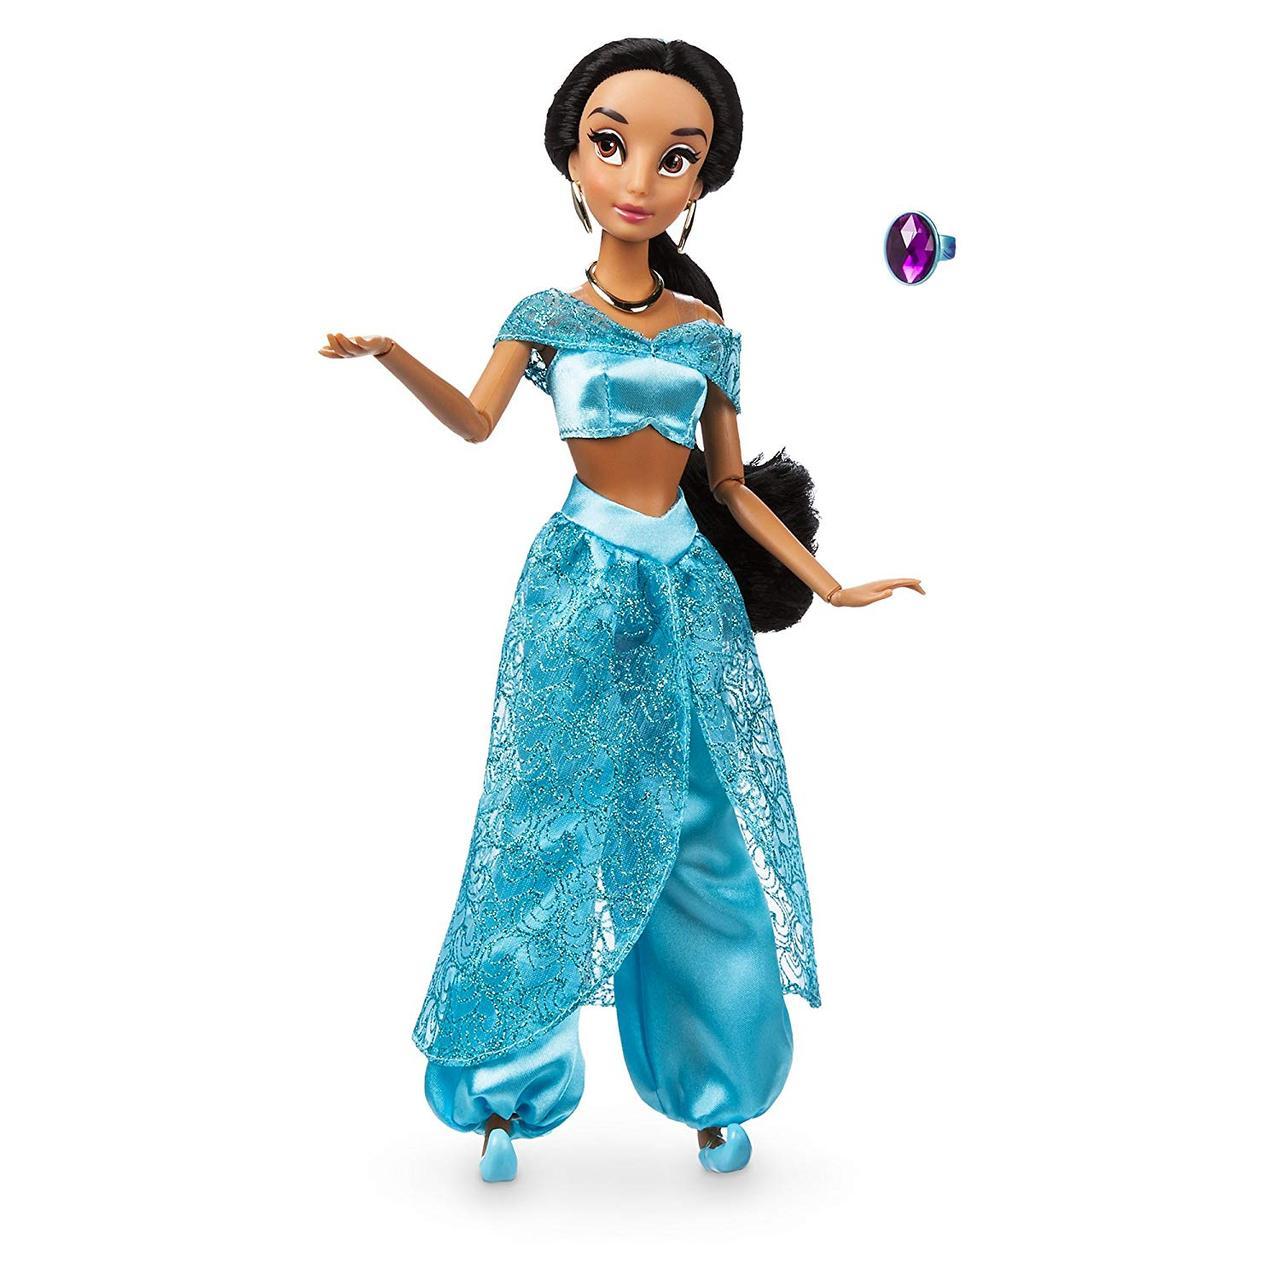 Disney Классическая кукла Принцесса Жасмин с кольцом